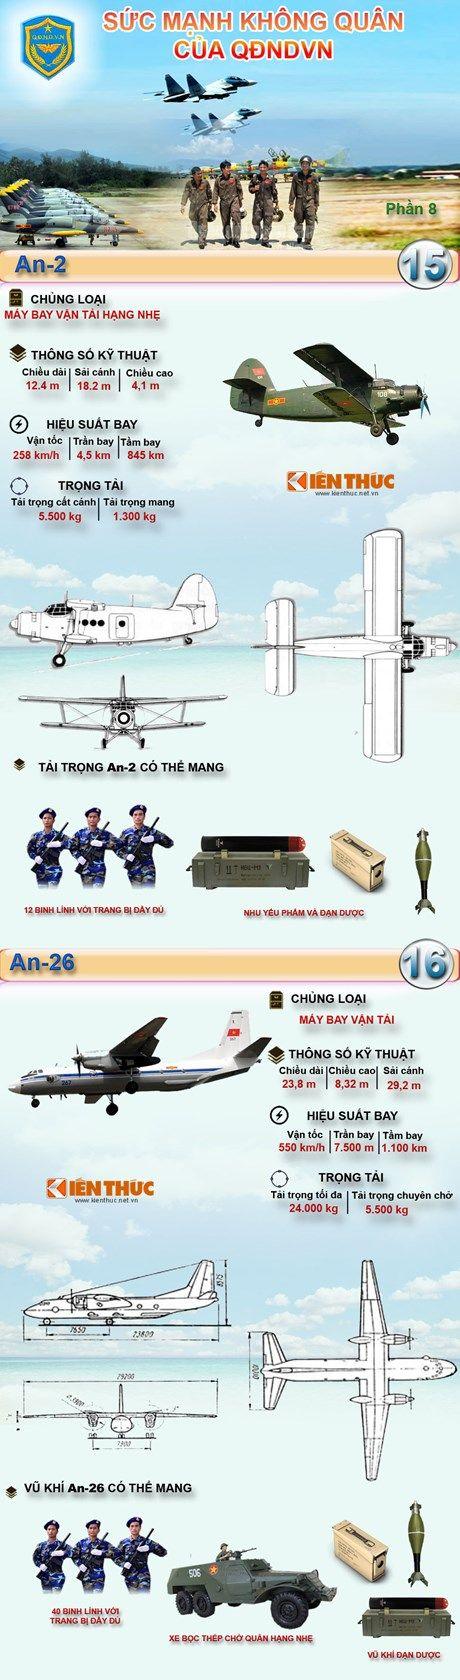 Infographic Sức mạnh Không quân Nhân dân Việt Nam 8